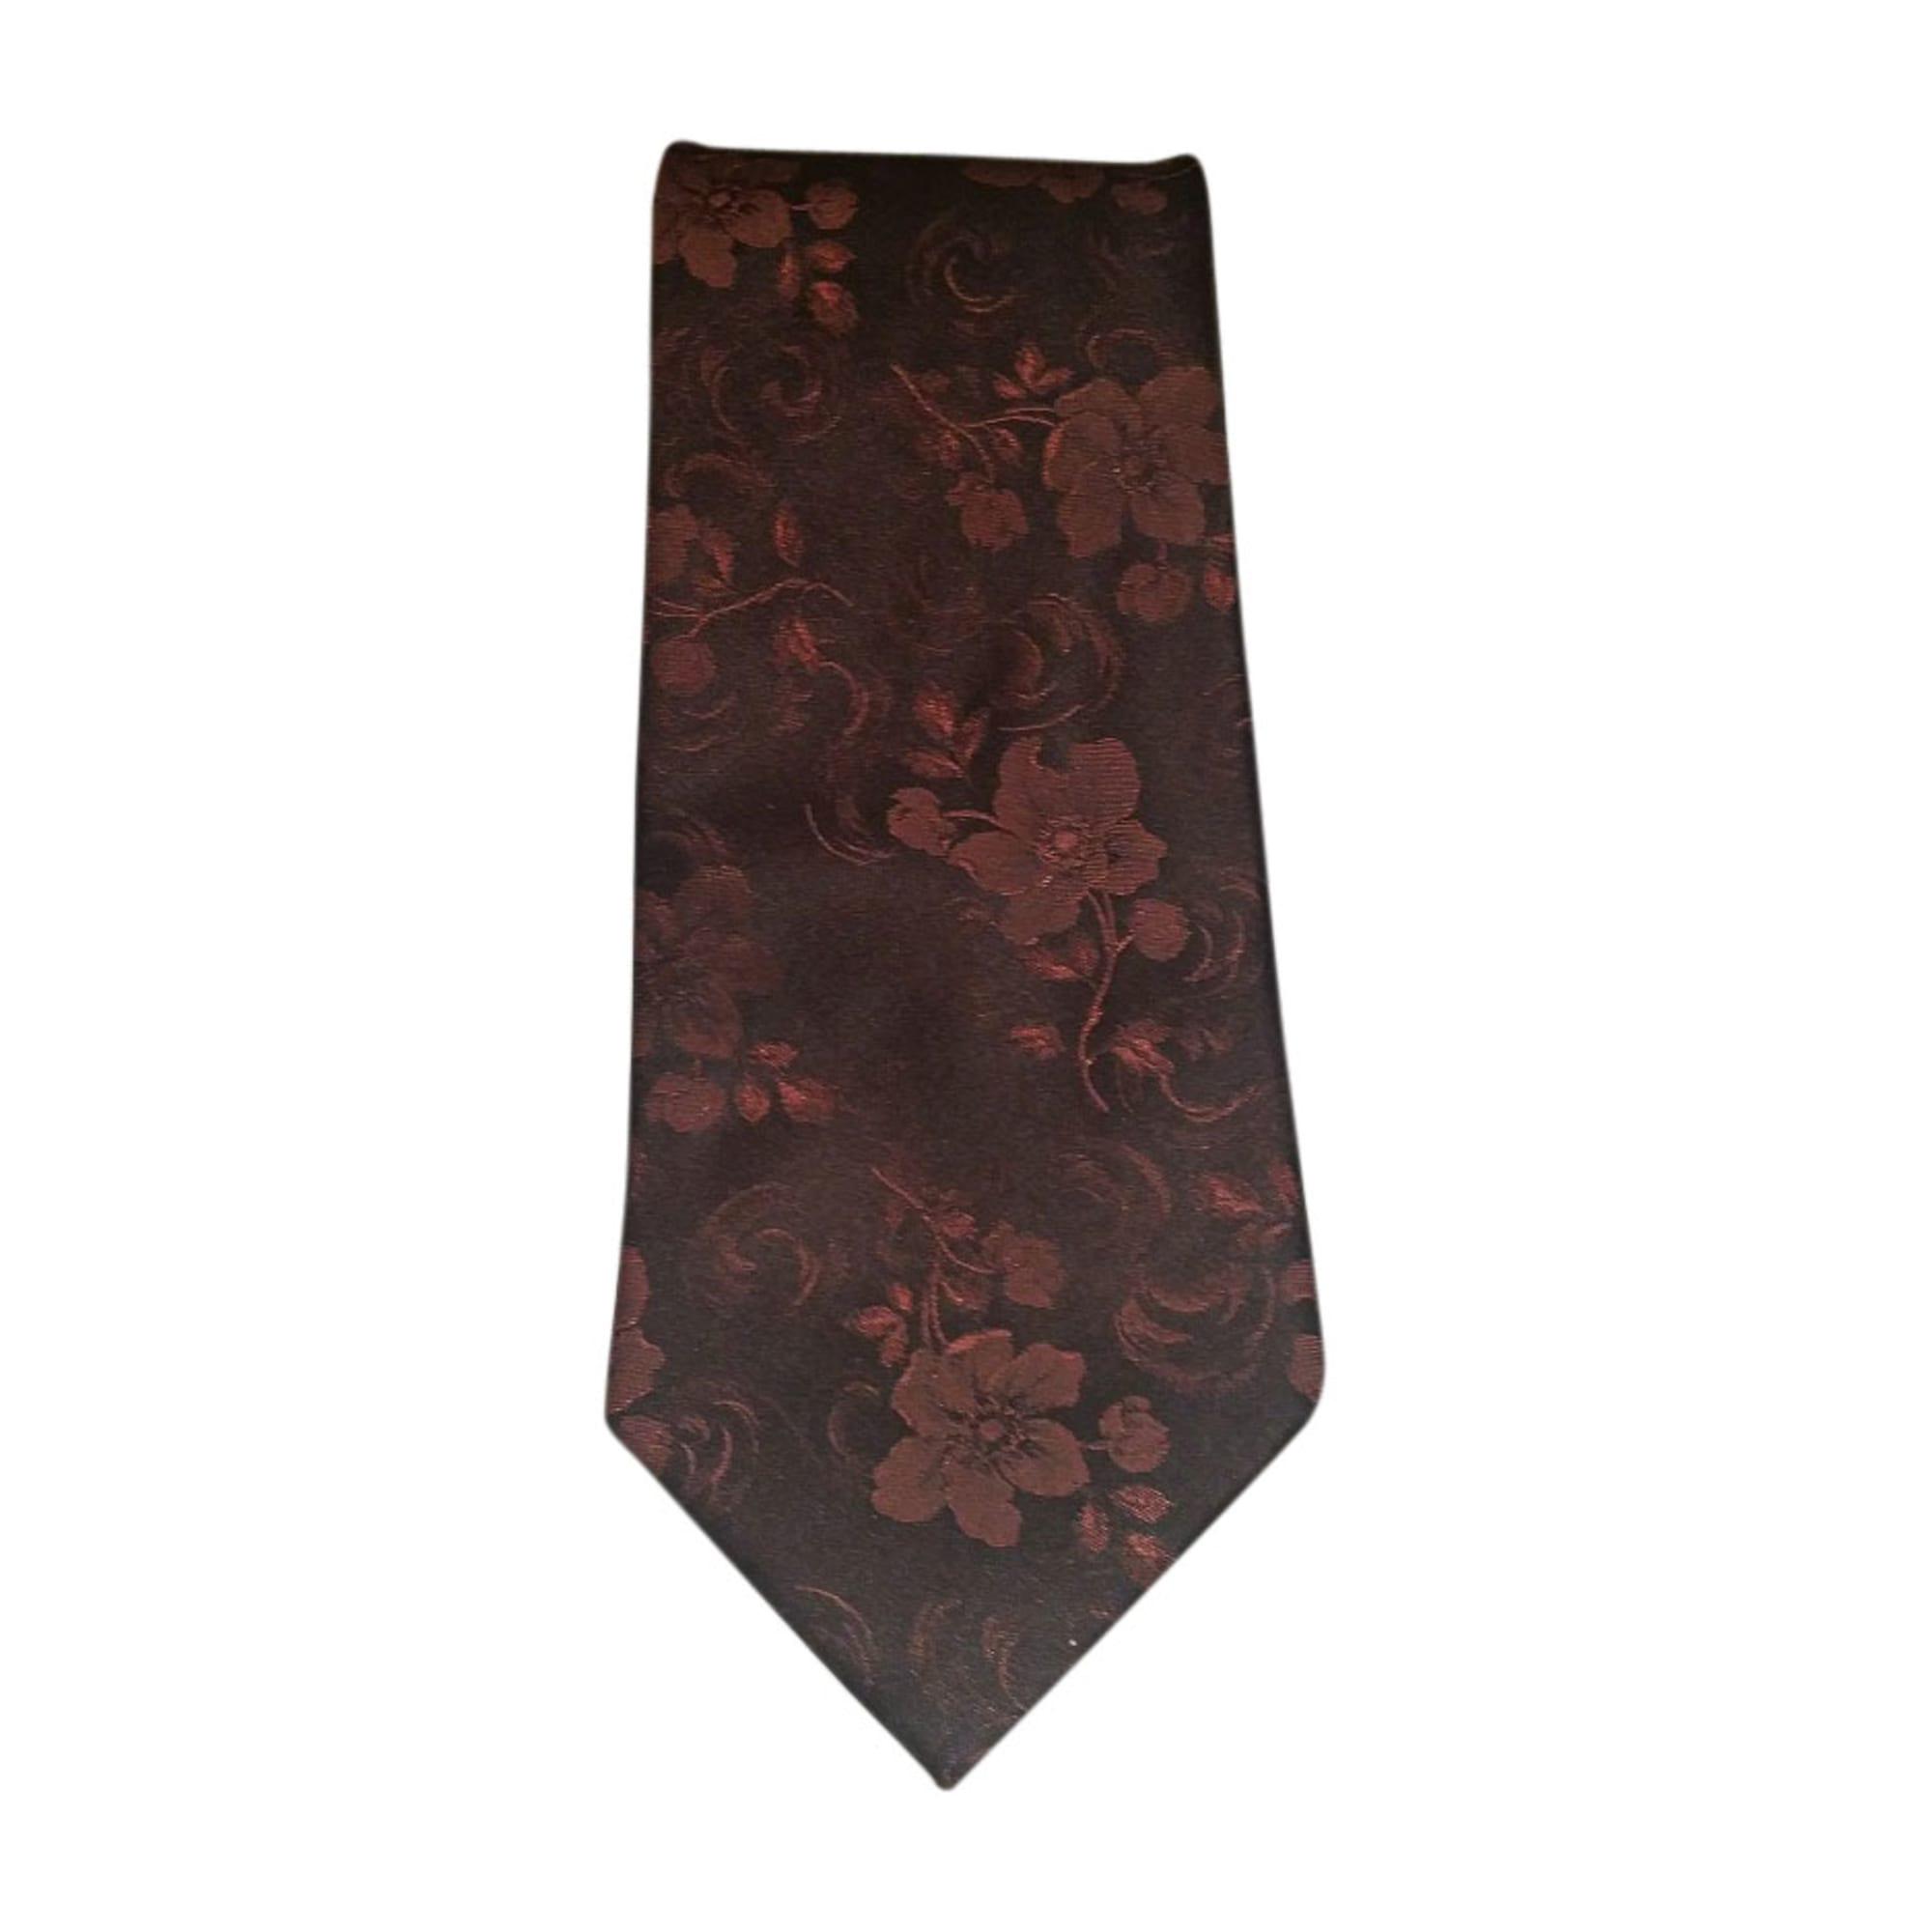 9f765decc397 Cravate KENZO multicouleur vendu par Mite25 - 8000811